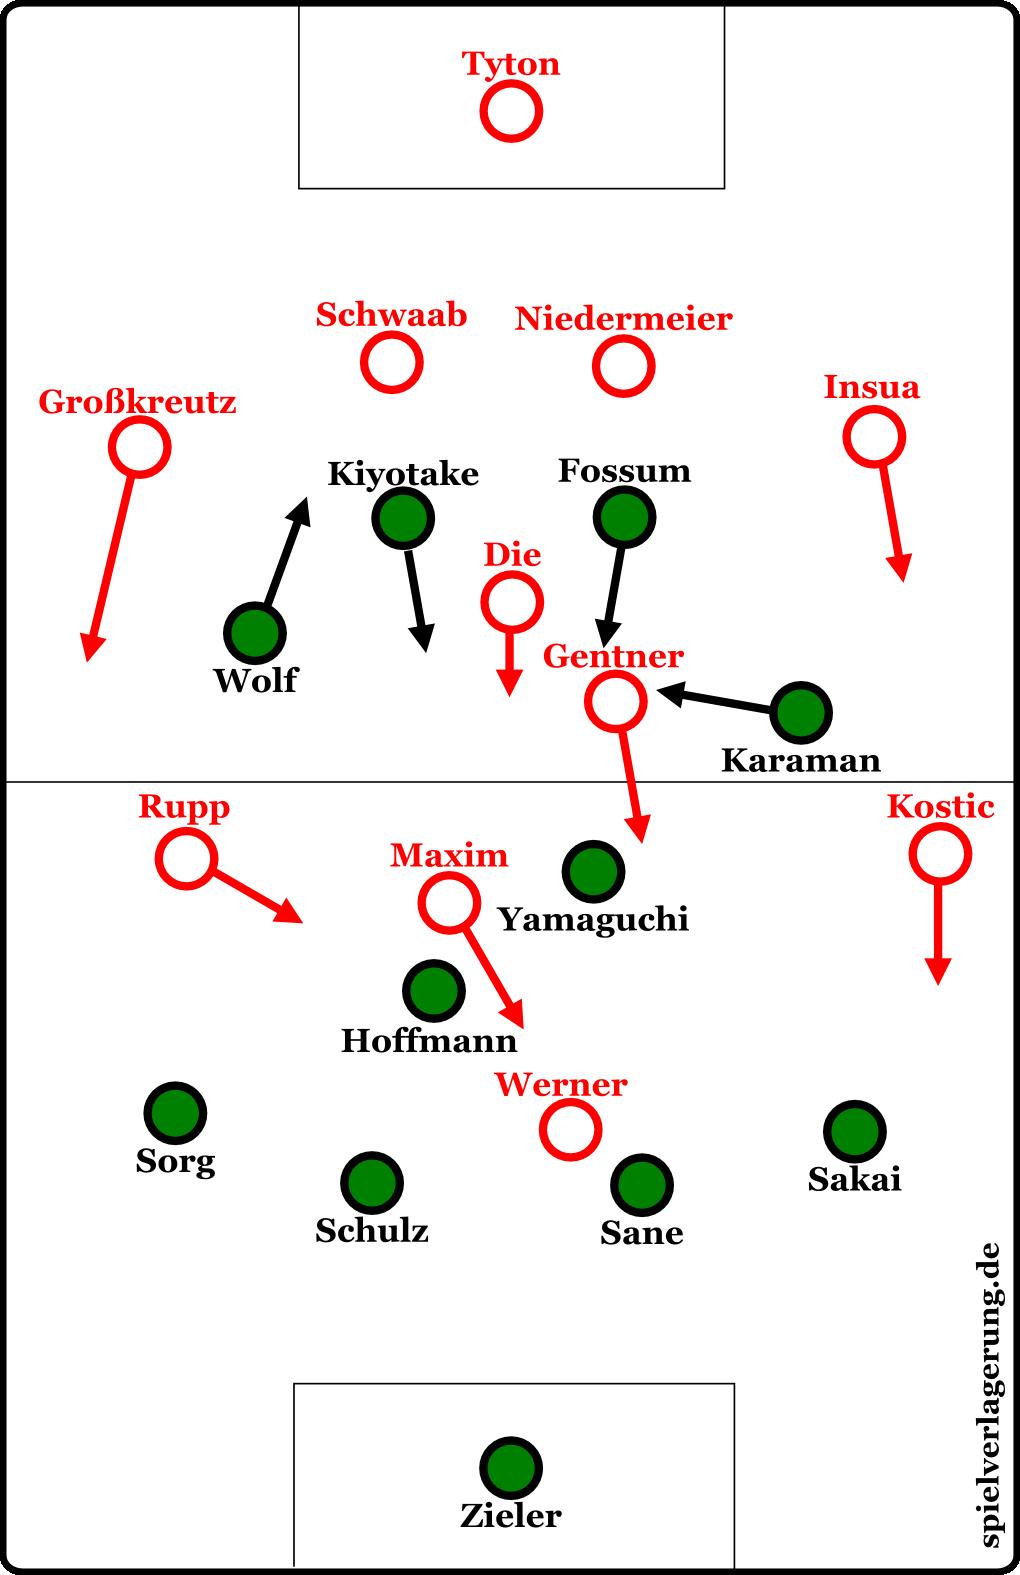 Hannover gegen Stuttgart, die Grundformation. Kiyotake, Fossum und Karaman überluden den Zehnerraum.